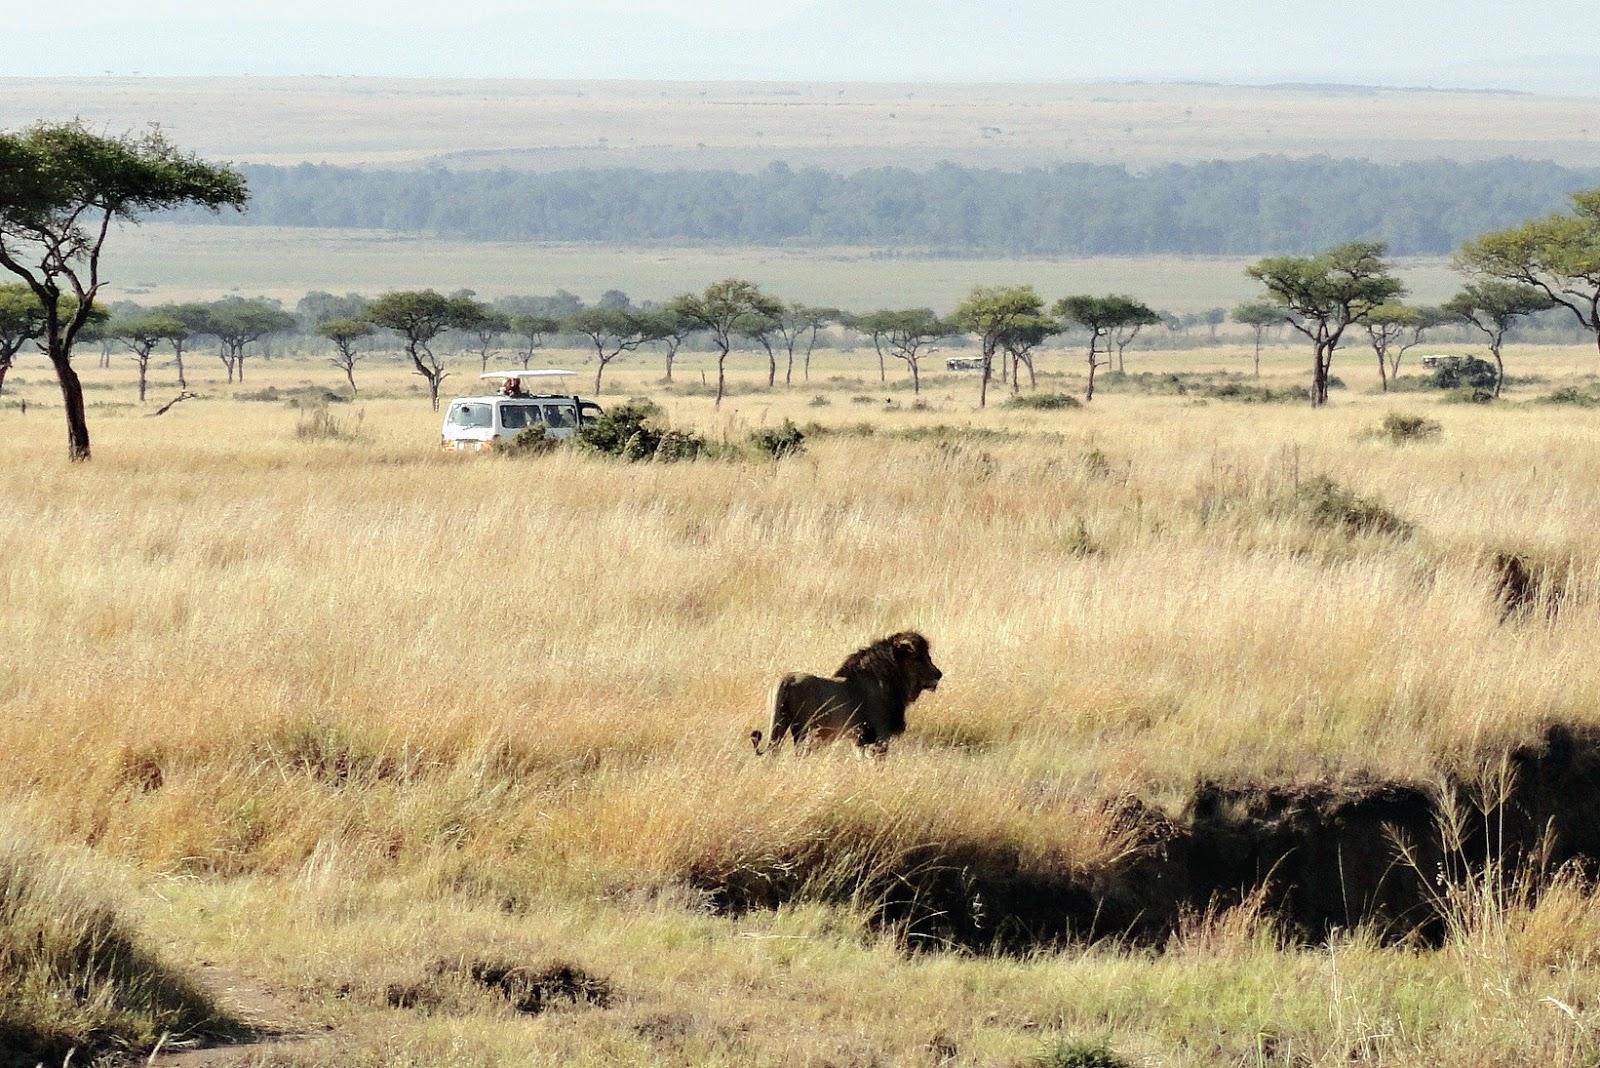 safari jeep in kenya masai mara